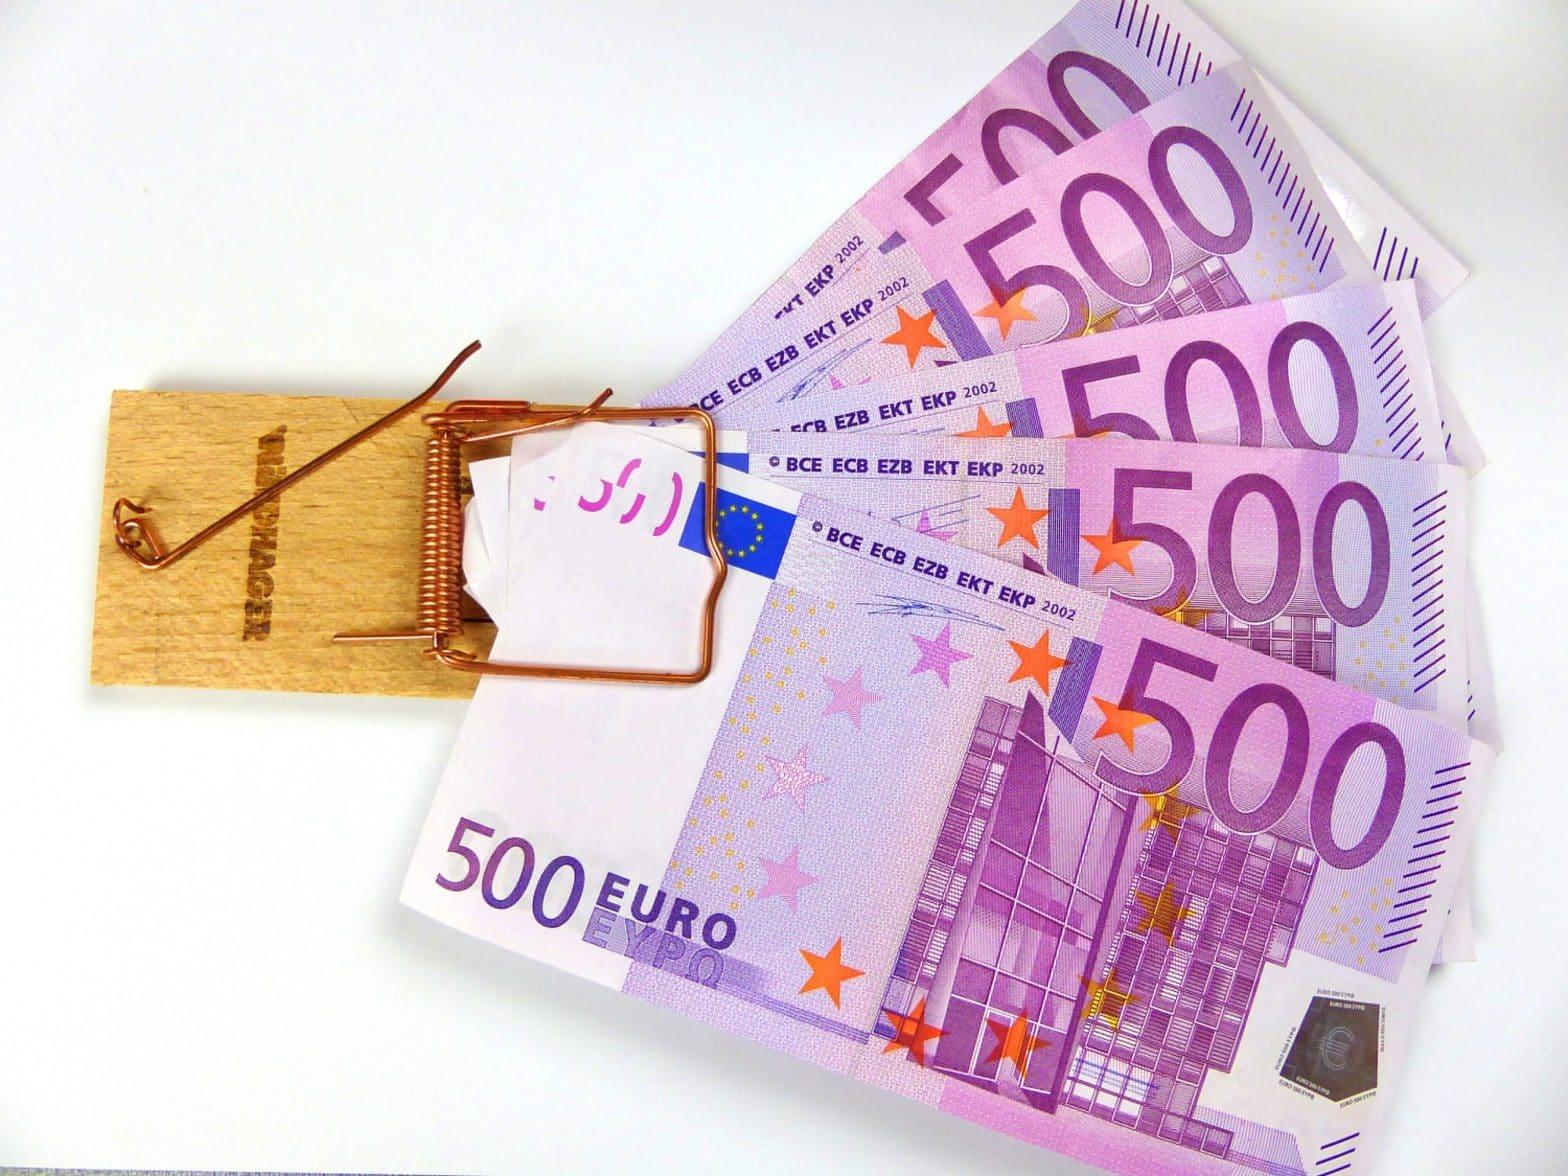 500€ Scheine in einer Mausefalle